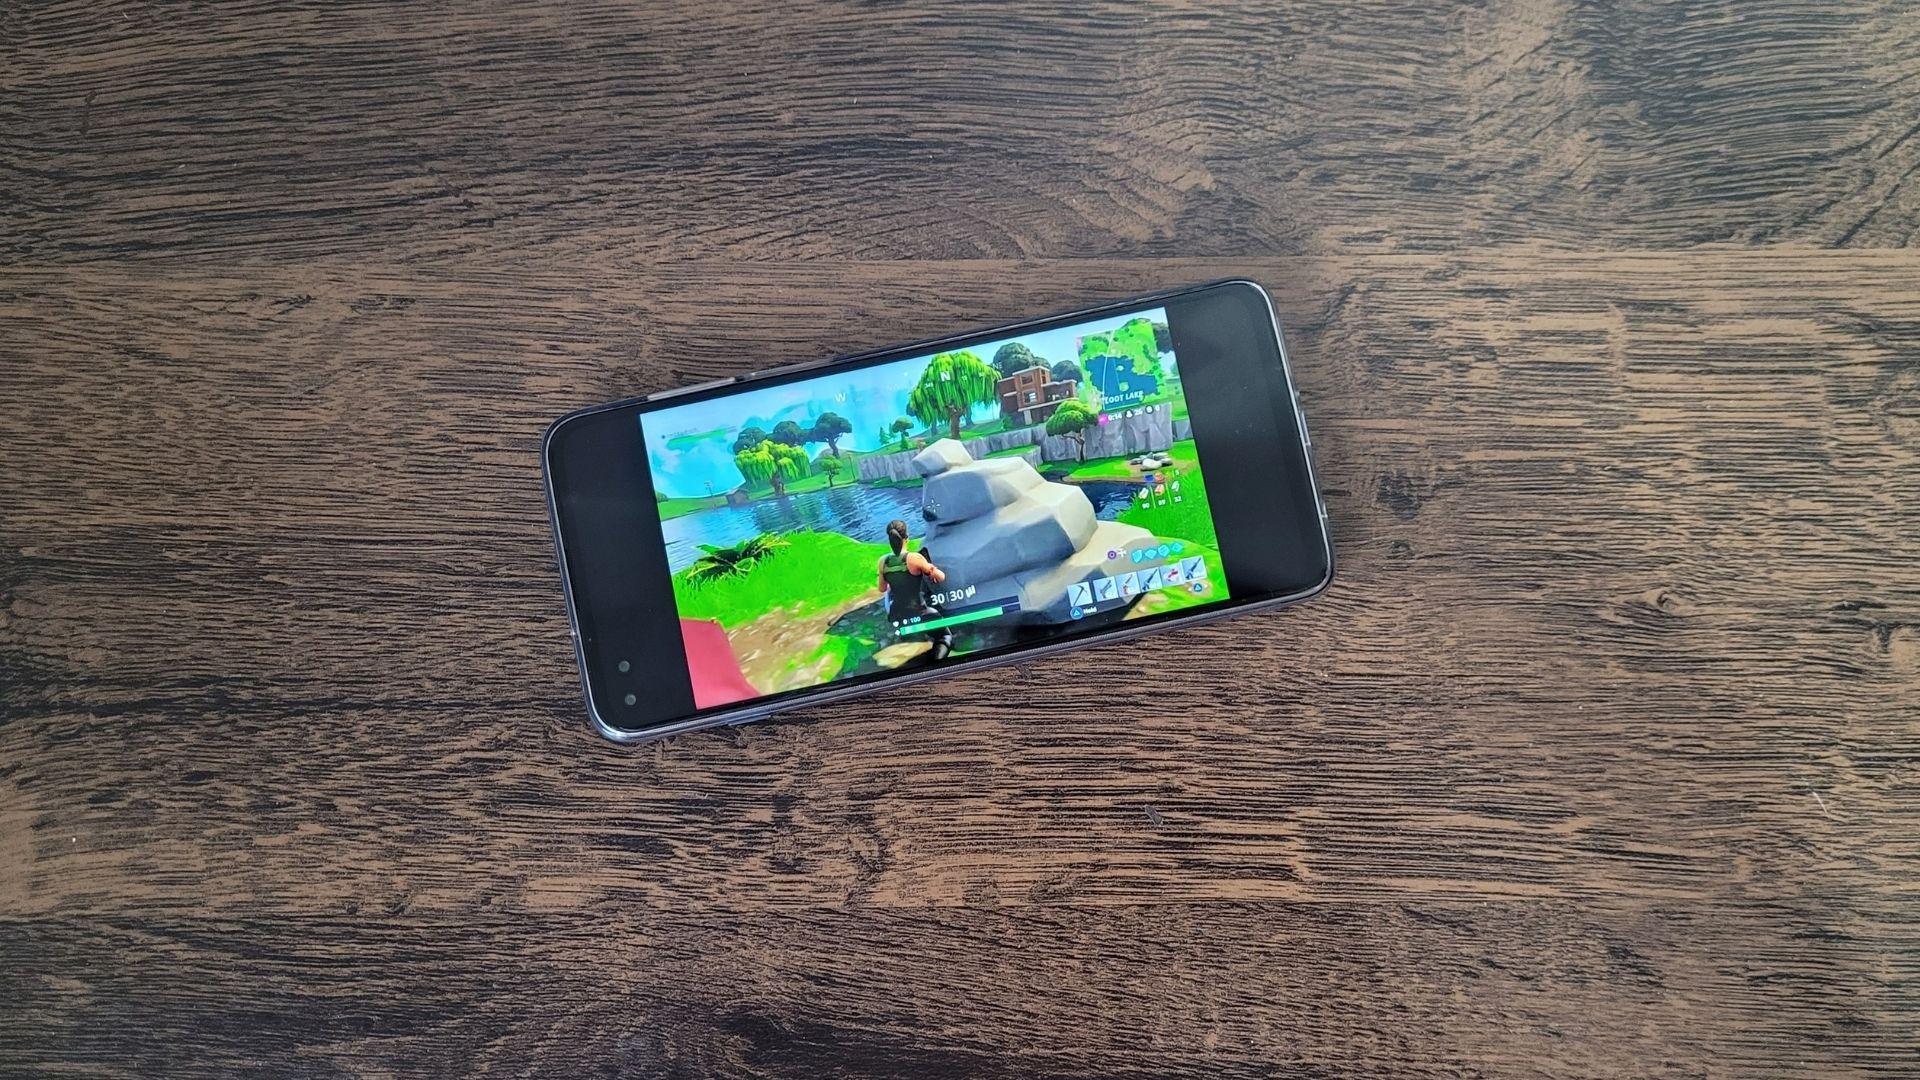 Fortnite é um dos jogos Android mais populares (Foto: Aline Batista/Zoom)